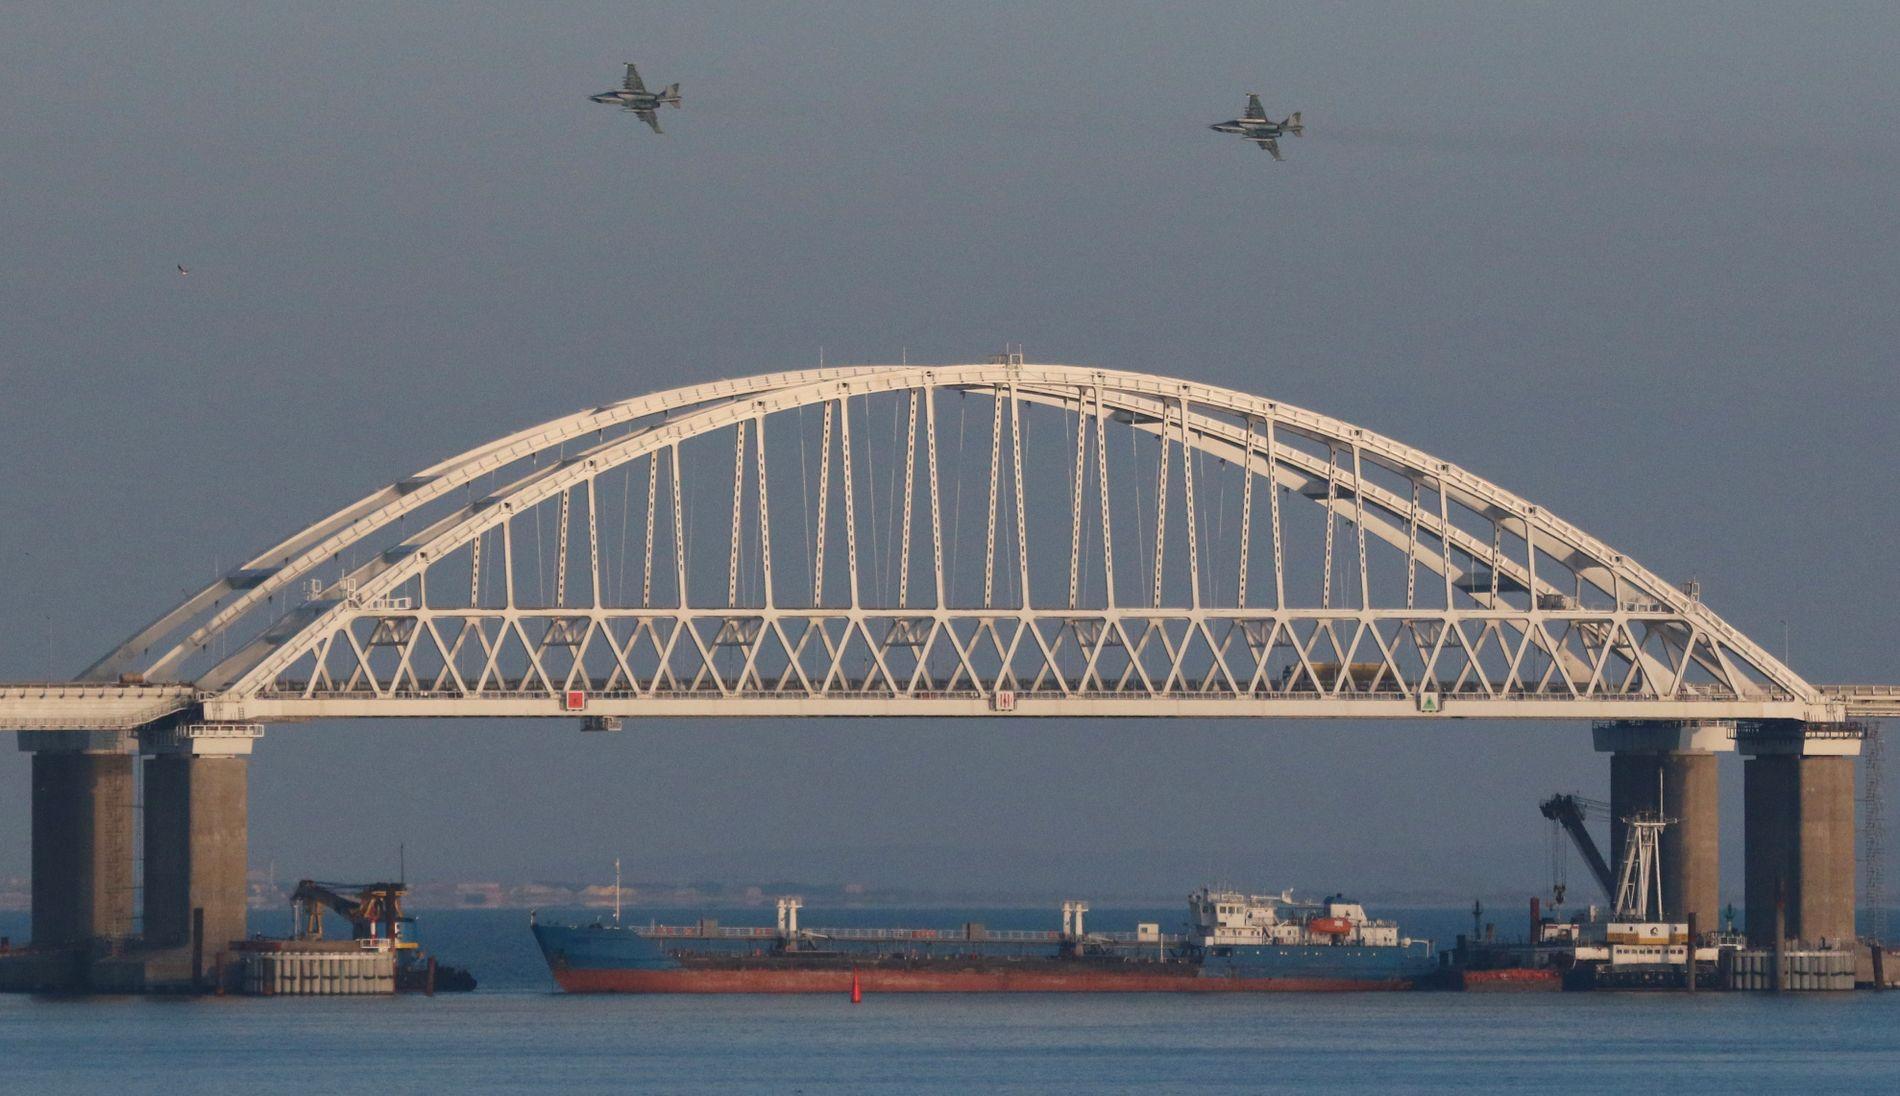 SPERRA HAVET: Eit russisk tankskip, støtta av marinefartøy og jagarfly, sperra søndag tilgangen til Azovhavet, utanfor den ukrainske kysten.